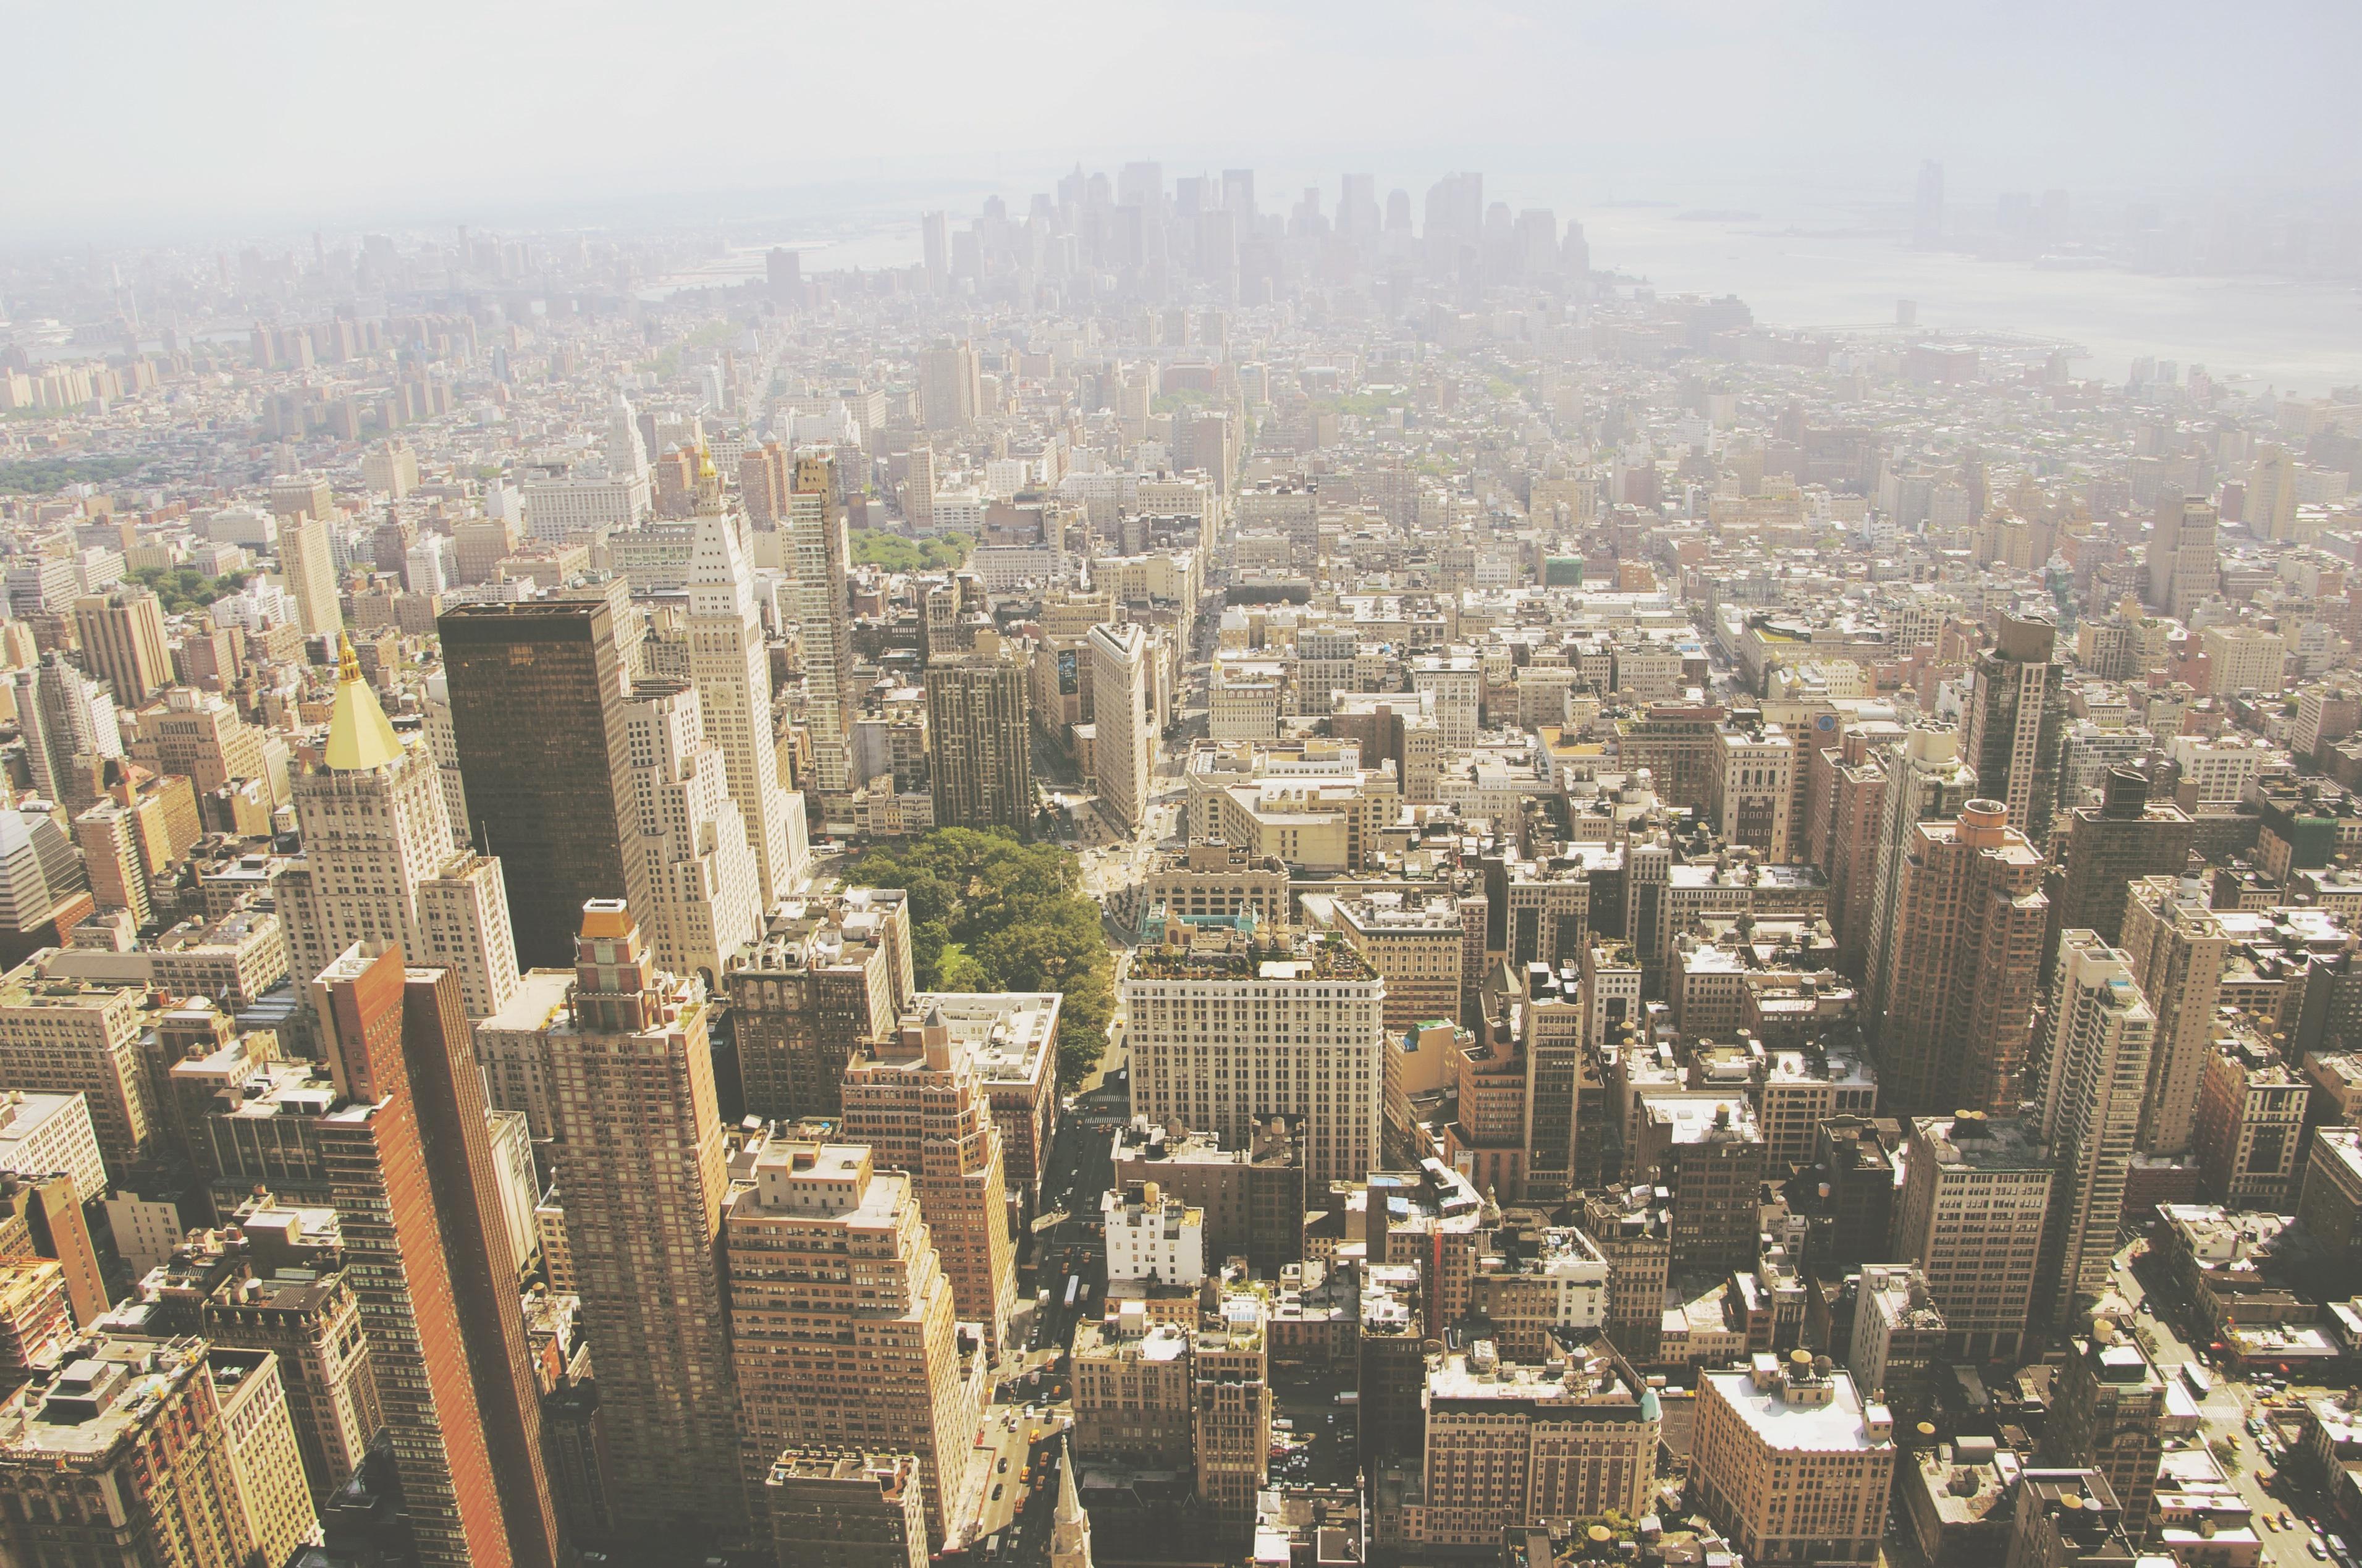 Urban Landscape, Architecture, Building, City, Construction, HQ Photo